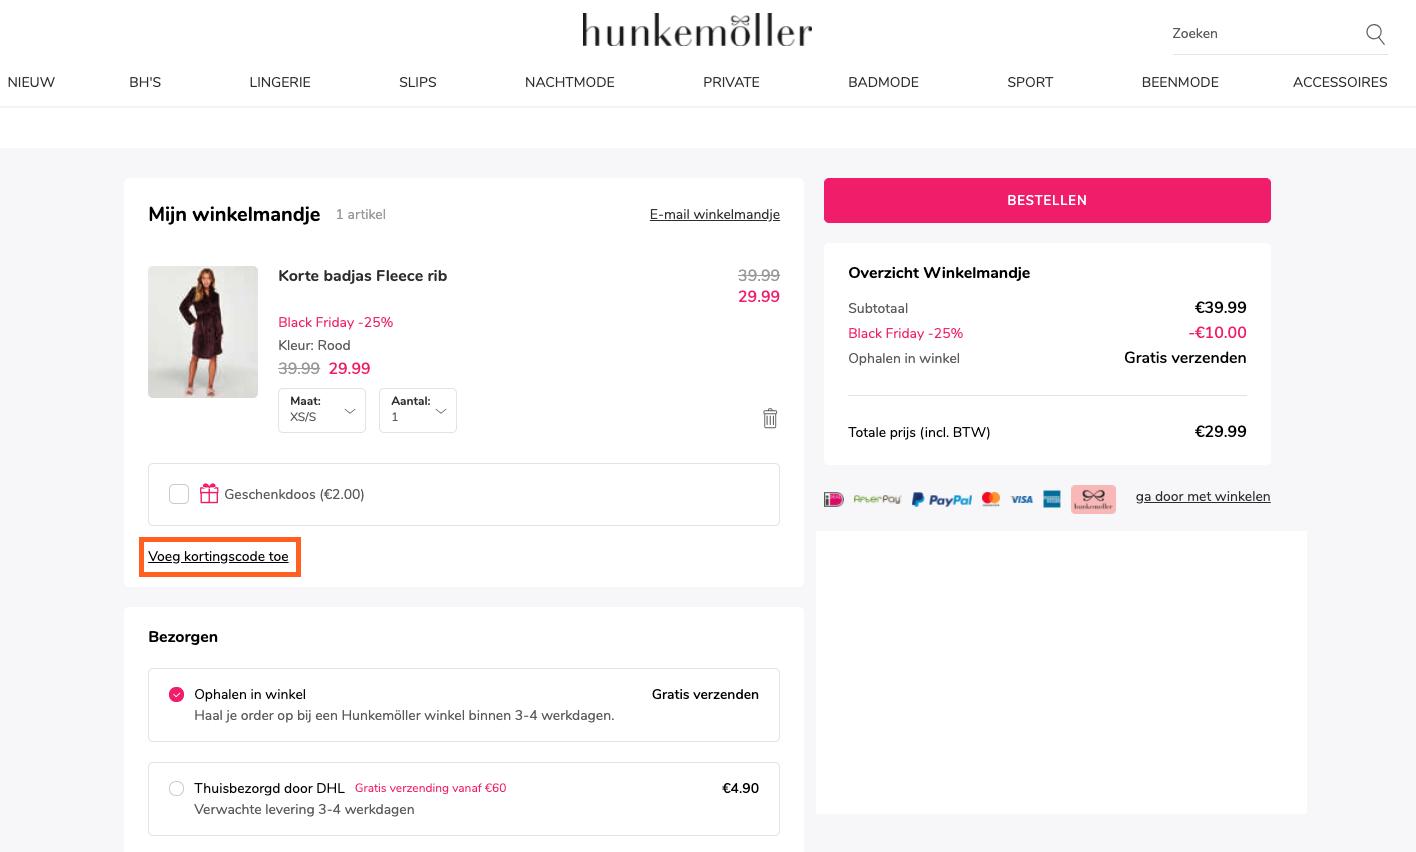 hunkemöller-voucher_redemption-how-to